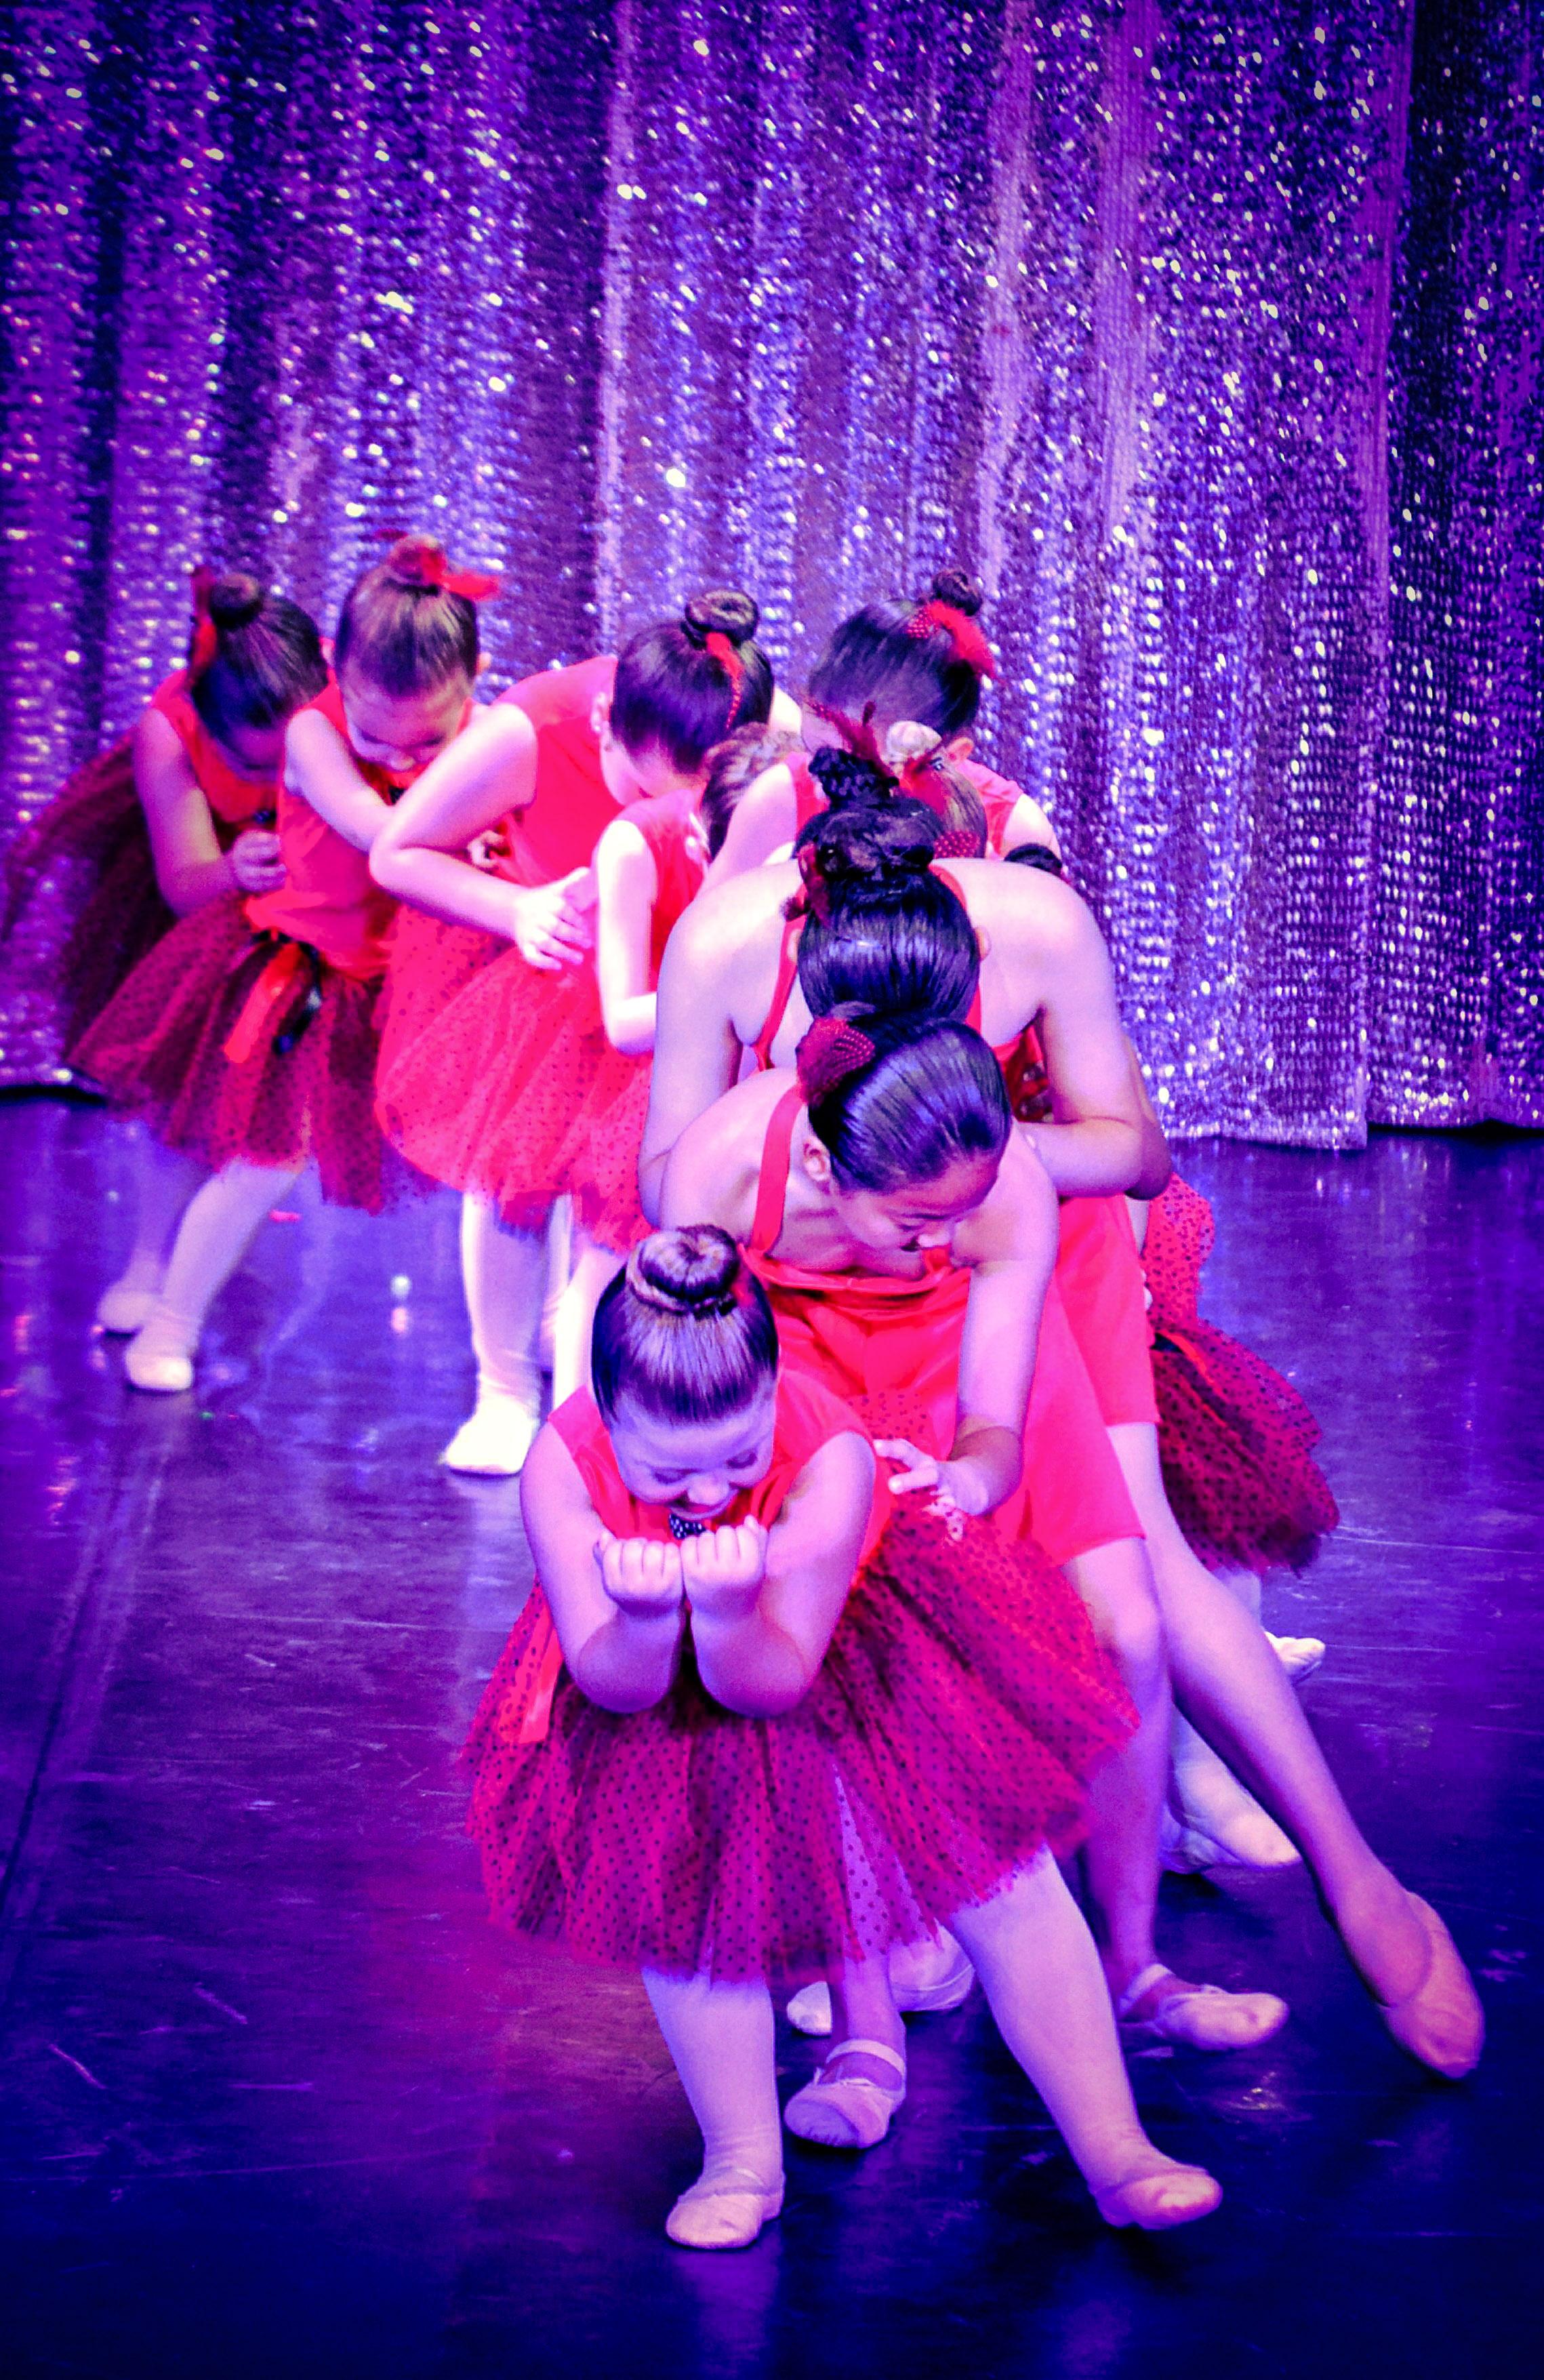 Linea-de-Baile-festival-verano-2015-clases-de-baile-valencia-165